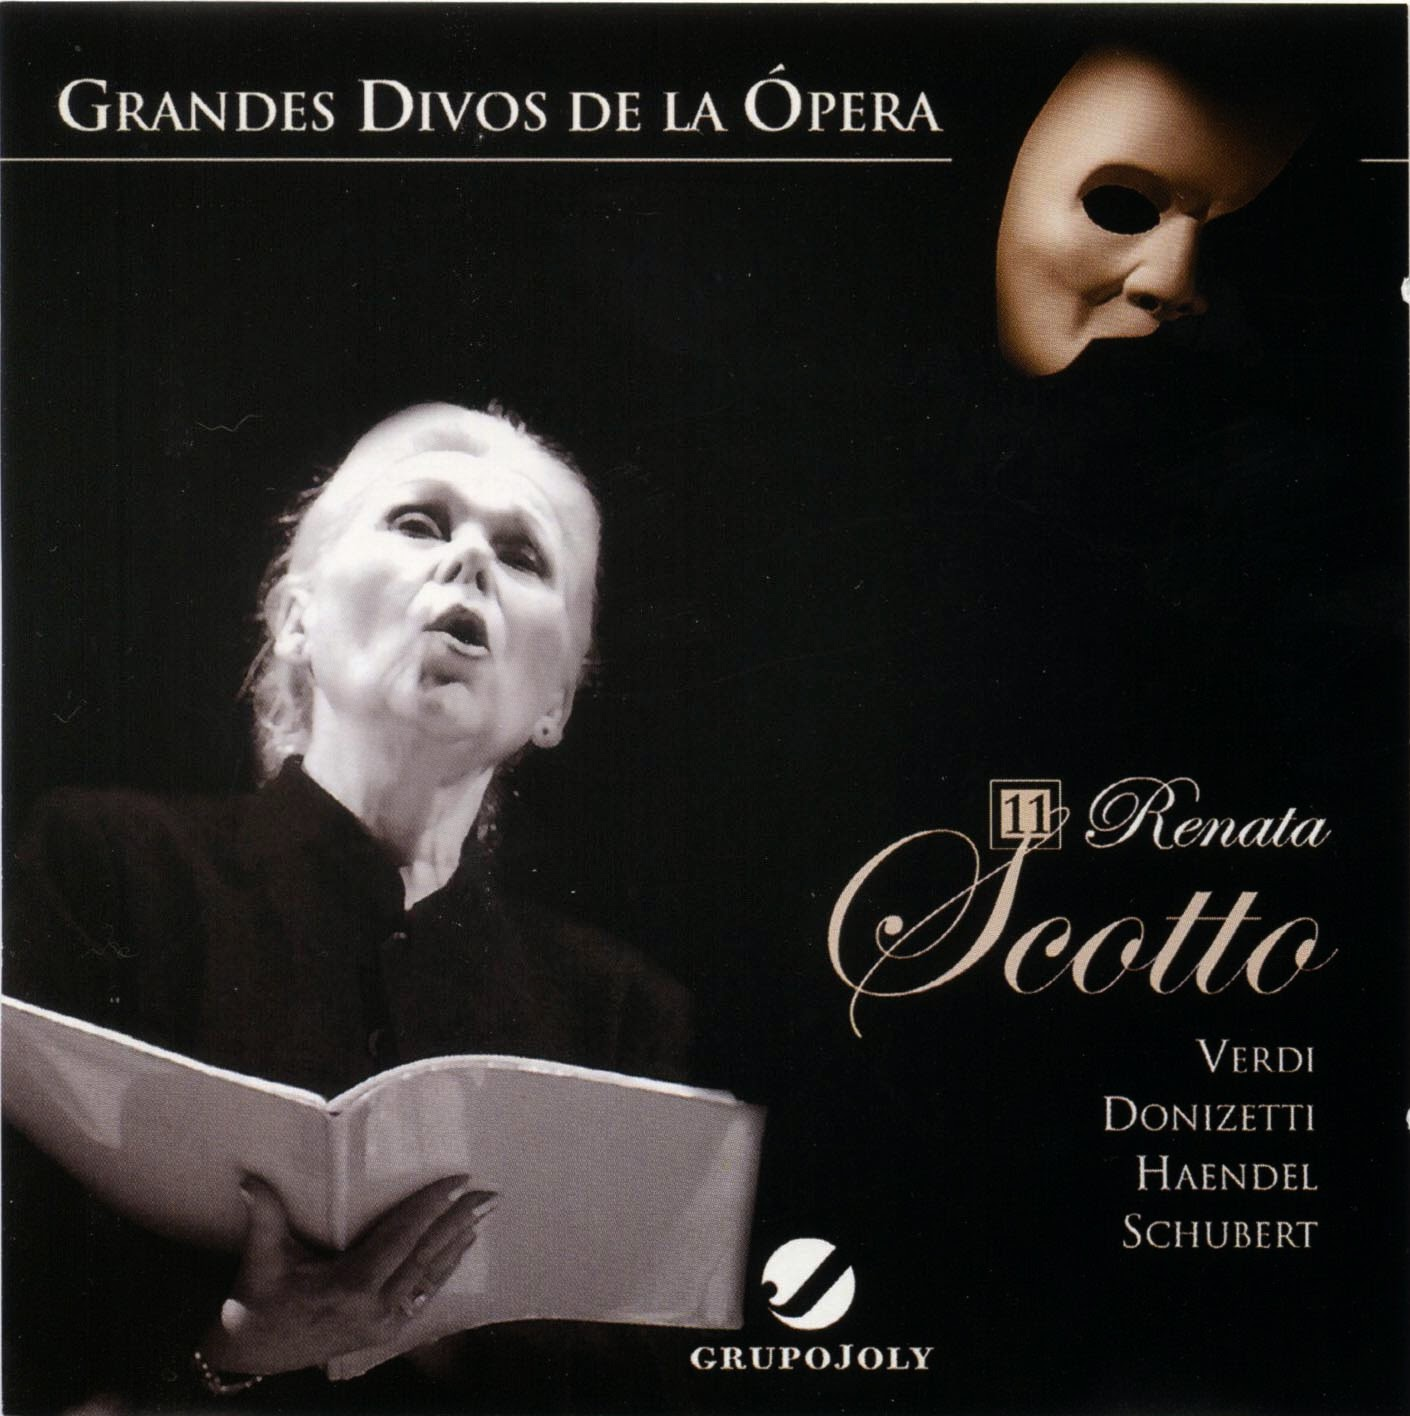 Grandes Divos de la Ópera-cd11-Renata Scotto-carátula frontal